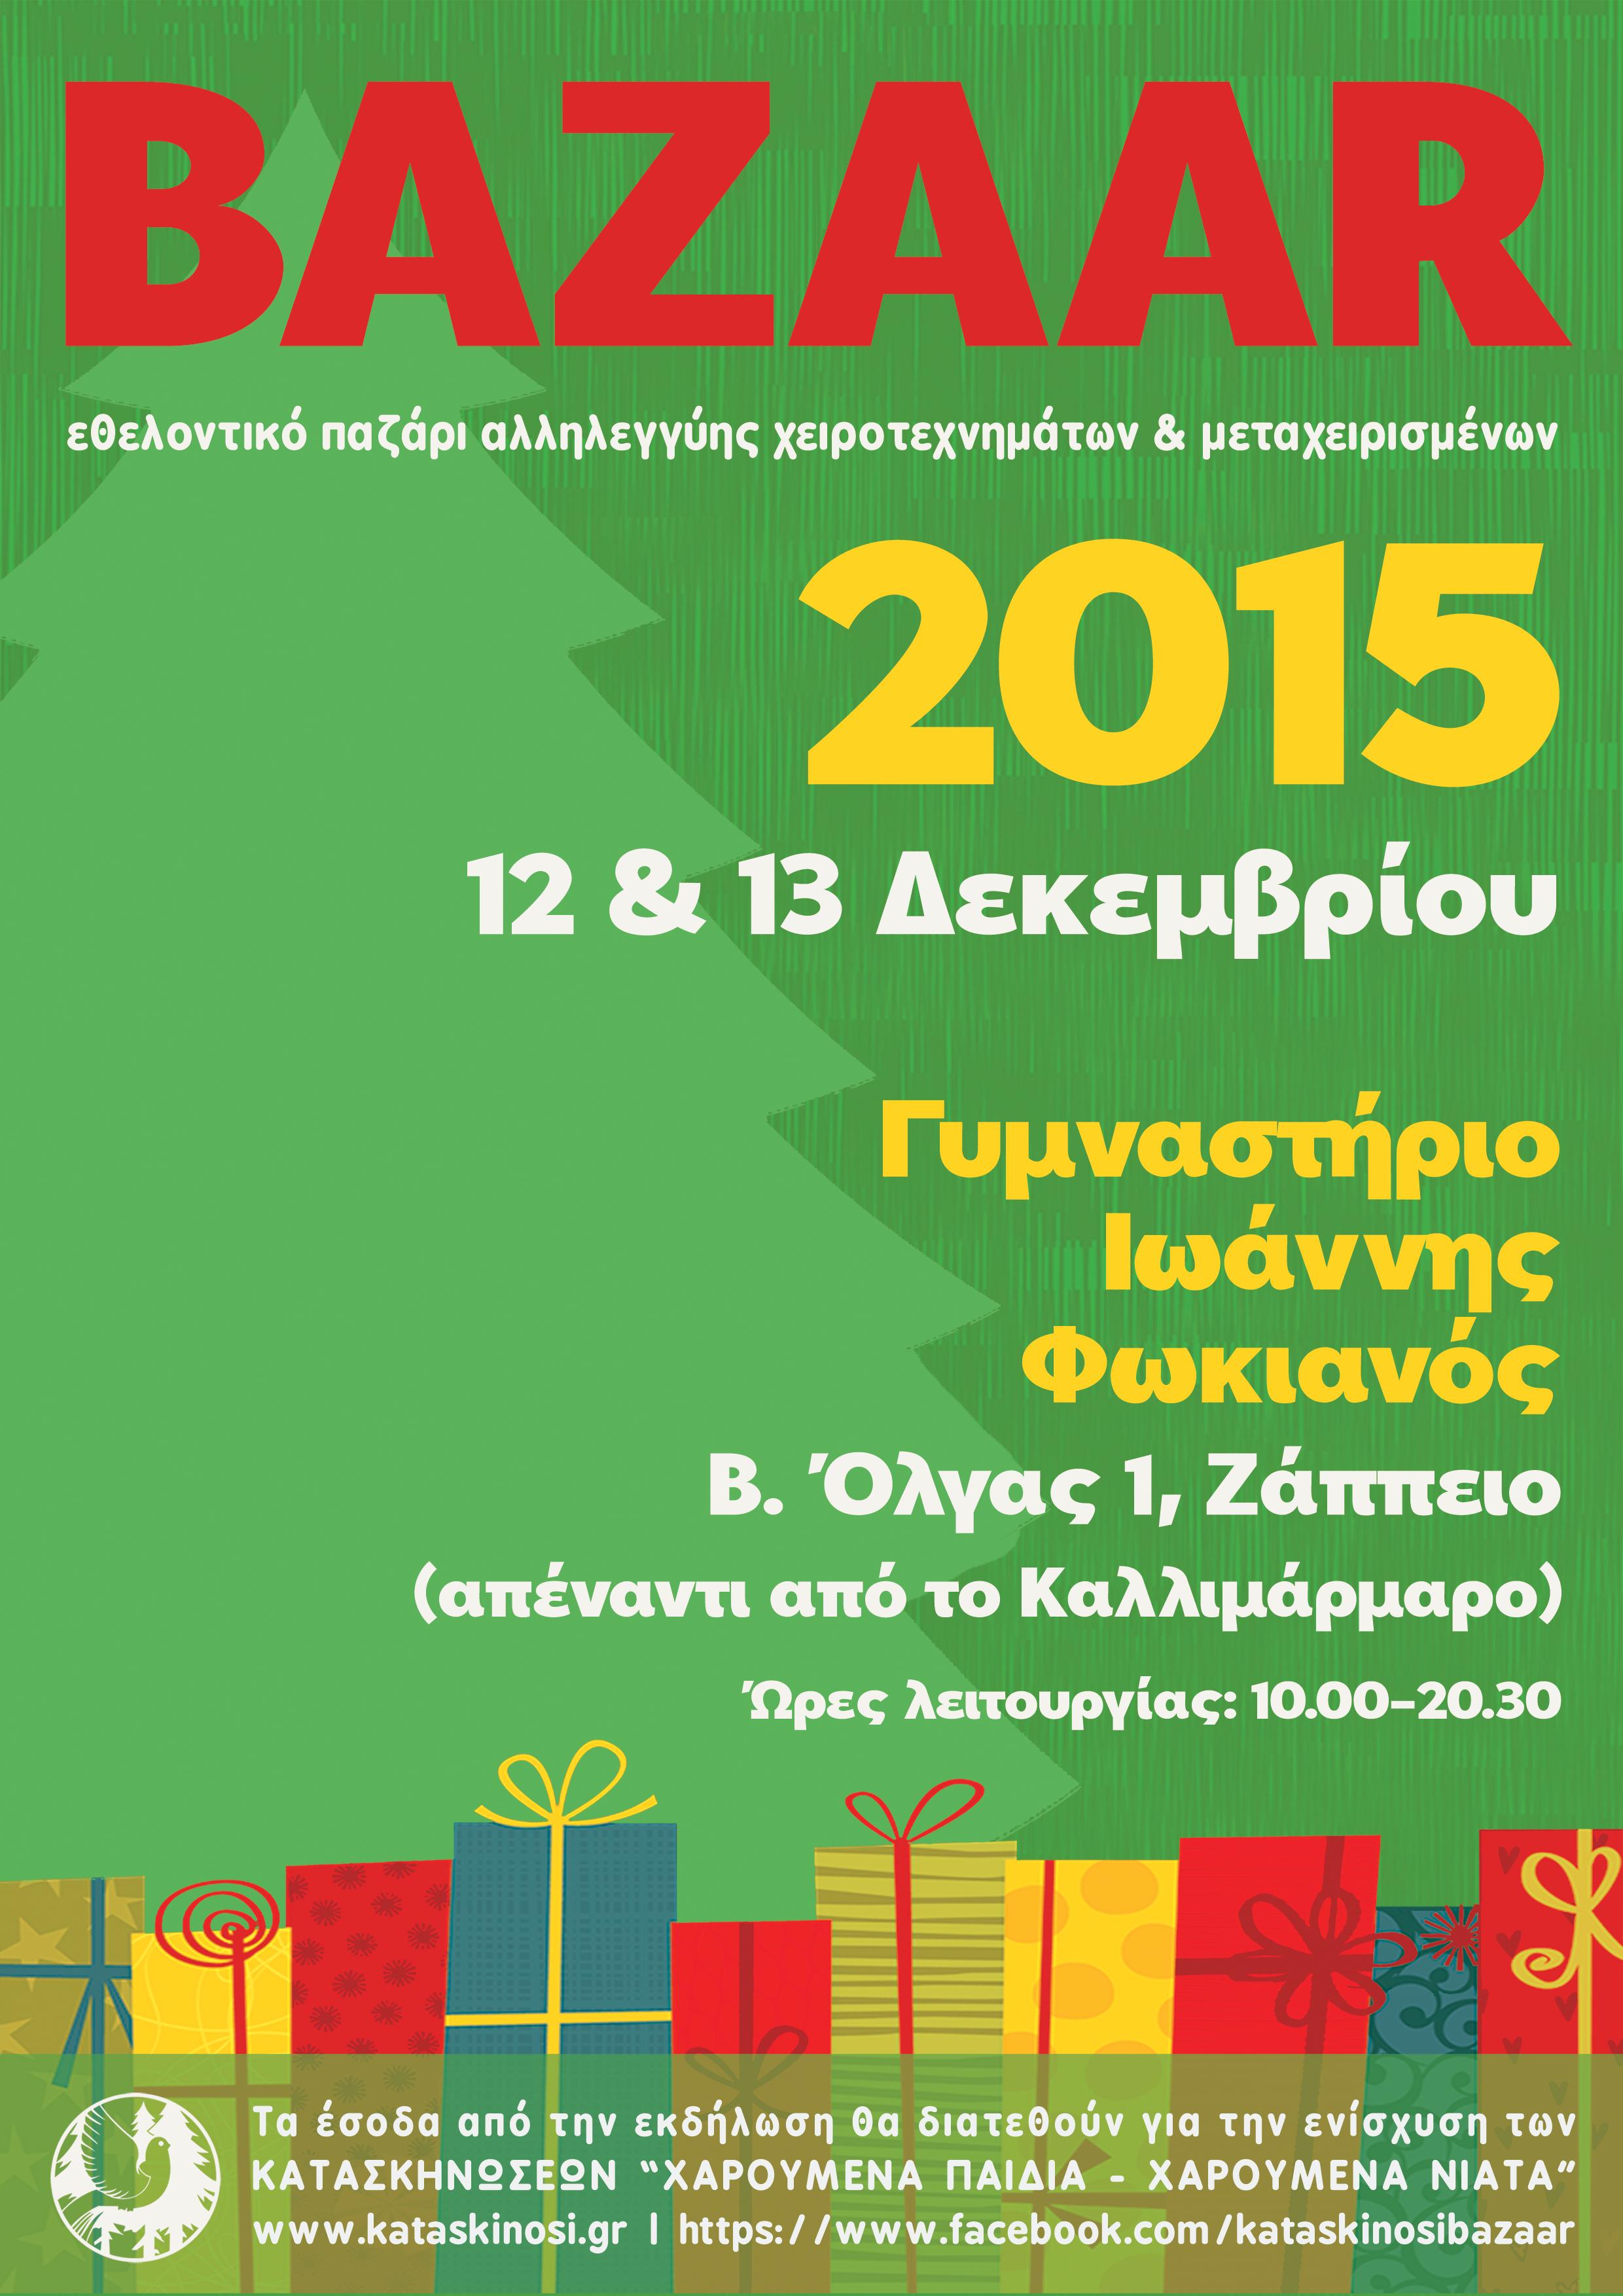 5ο Εθελοντικό Παζάρι Αλληλεγγύης 2015